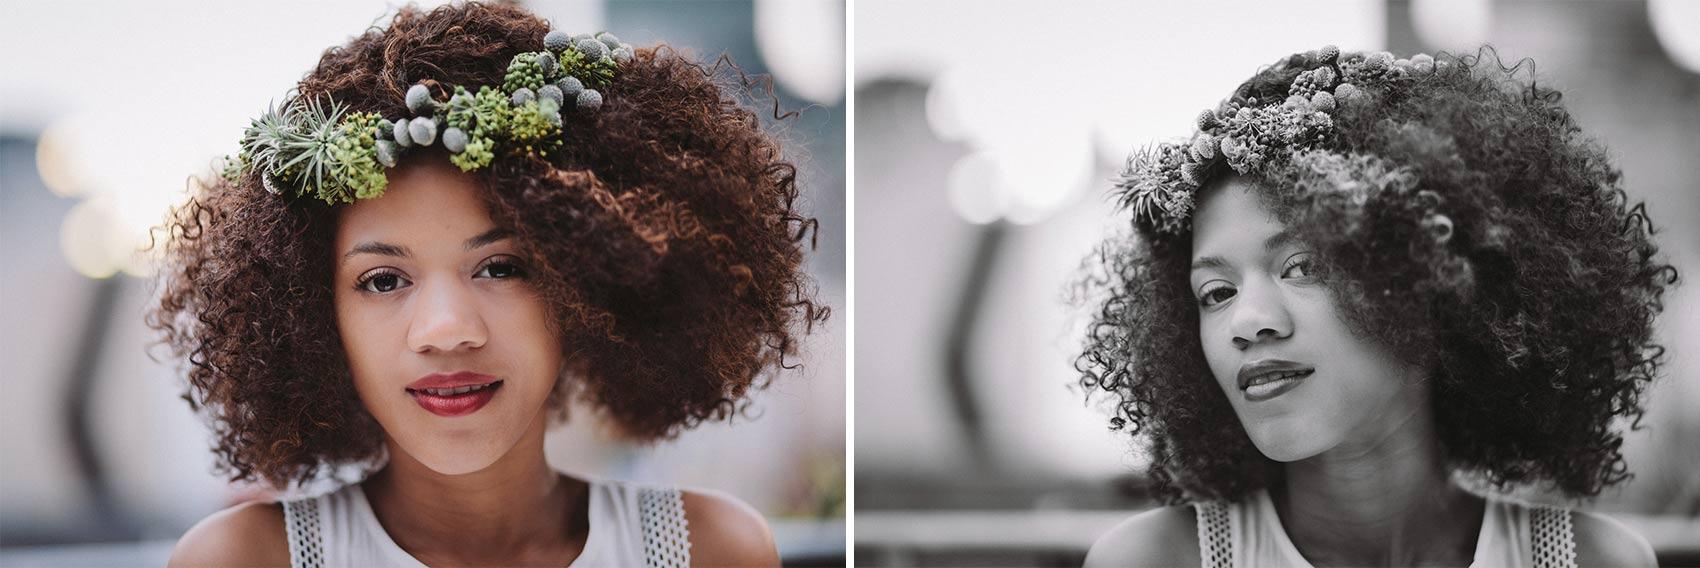 Ebony-Melbourne-Skyline-Sunrise-Bohemian-Wedding-Photography-Inspiration-04